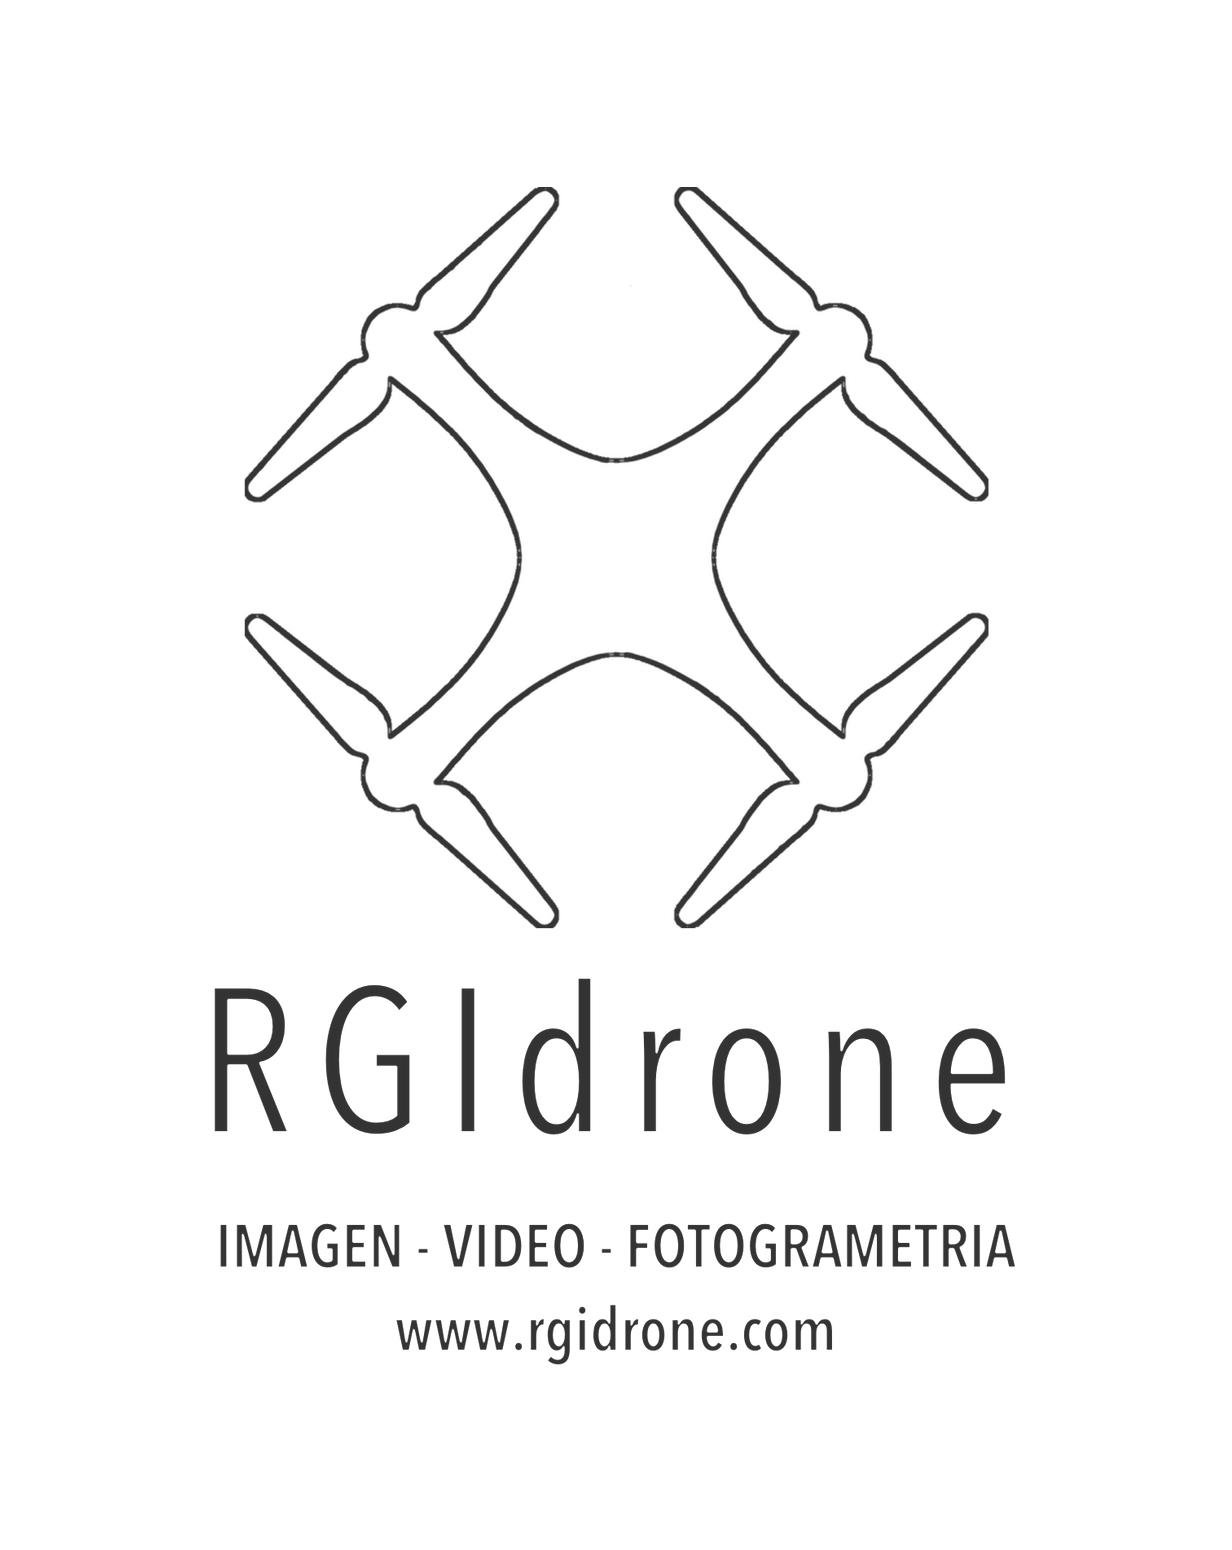 04 rgi drone.jpg